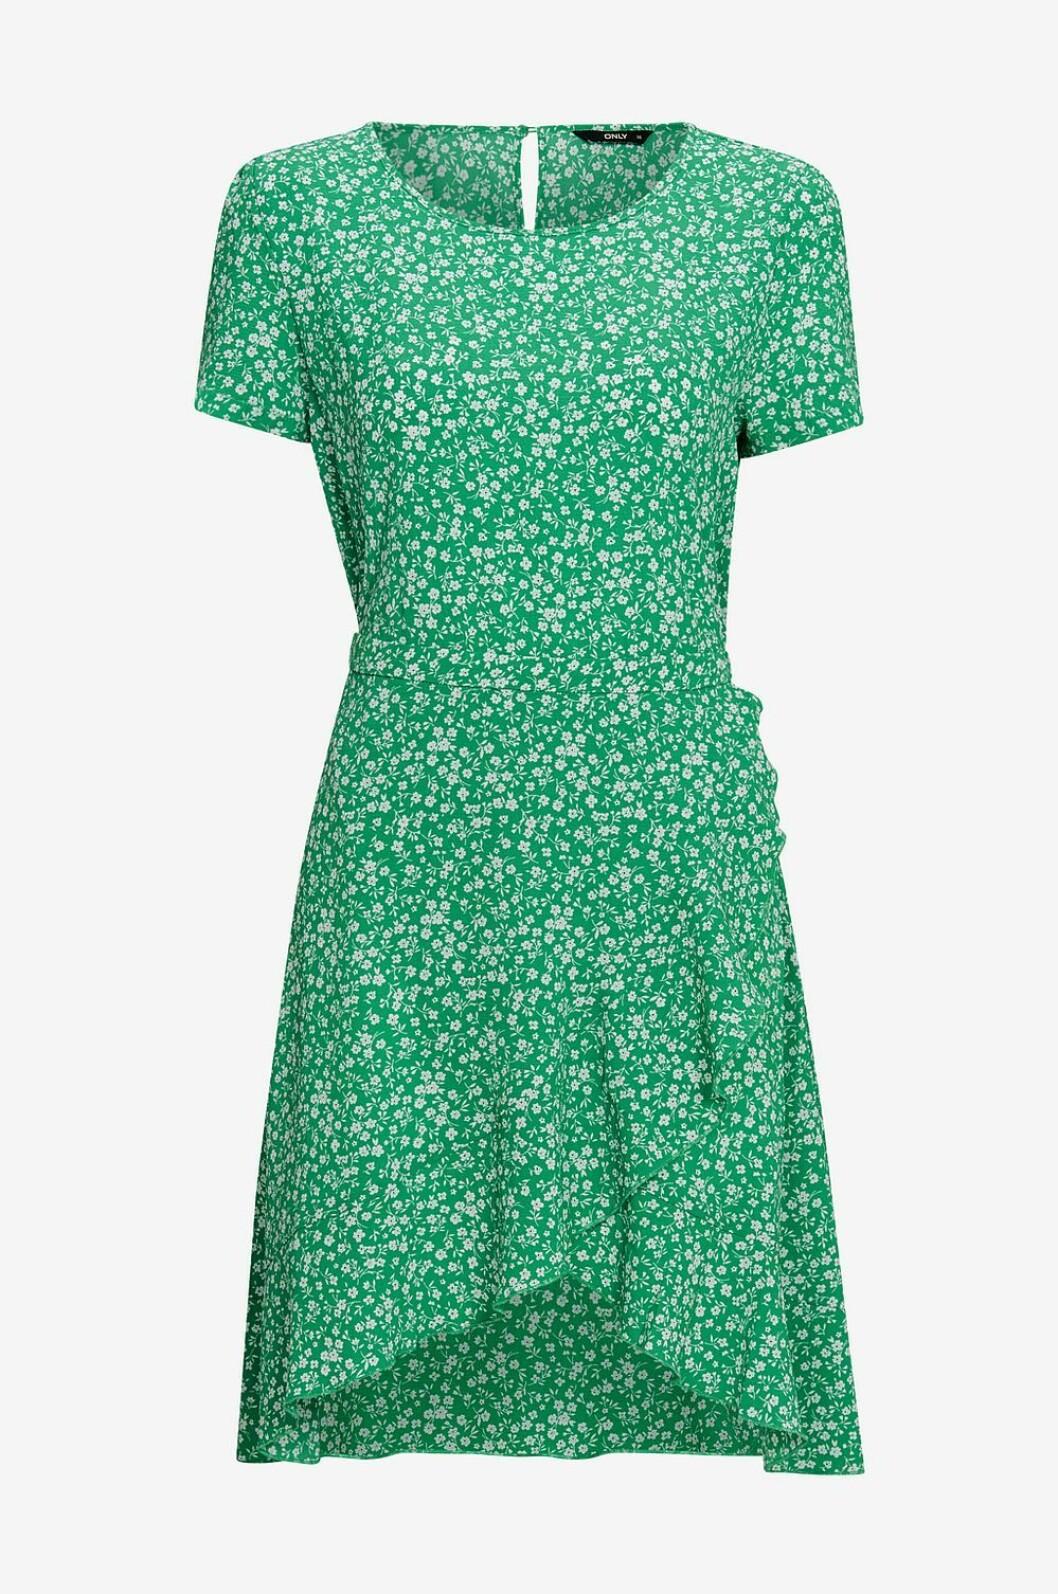 Grön klänning till skolavslutningen 2019